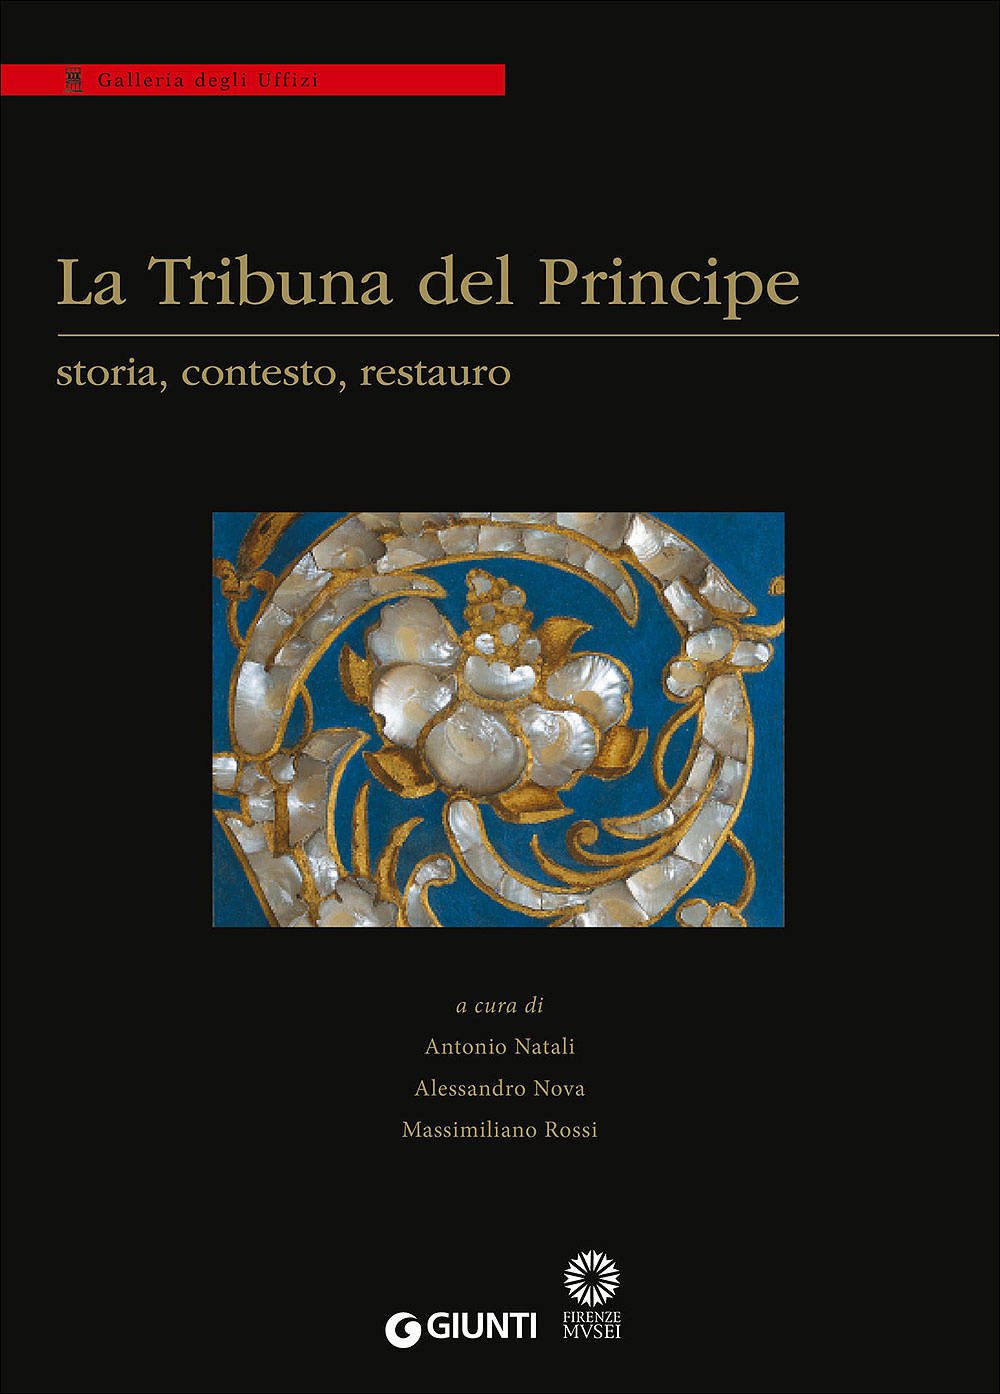 Image of La Tribuna del Principe: storia, contesto, restauro. Colloquio internazionale (Firenze, Palazzo Grifoni 29 novembre-1 dicembre 2012)